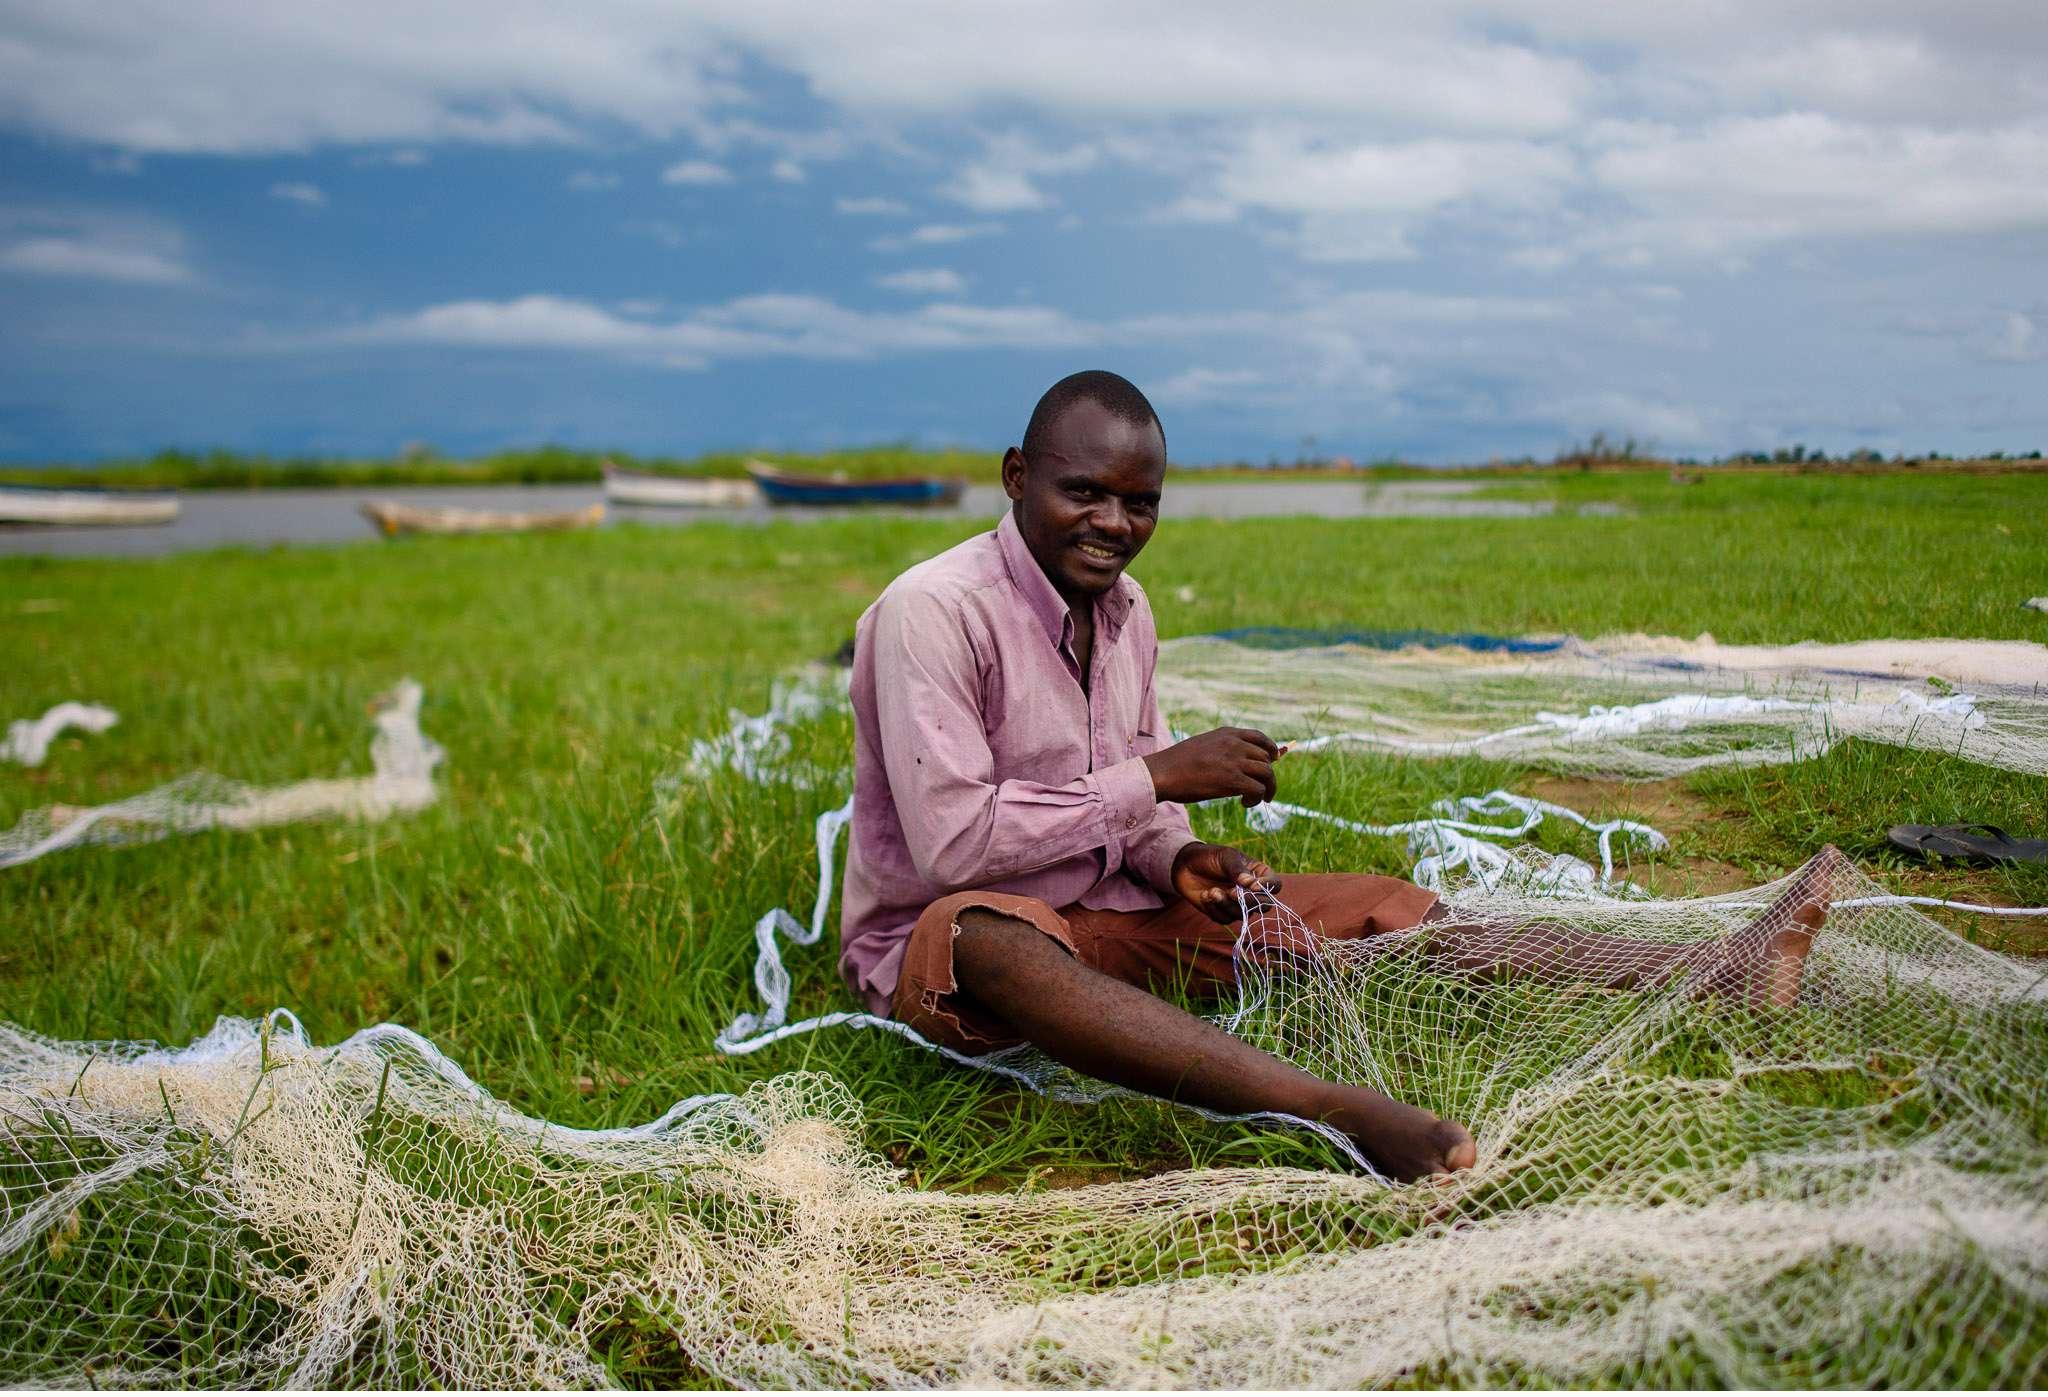 Malawi-Quer durch Afrika- Geschichten von unterwegs by Marion and Daniel-77